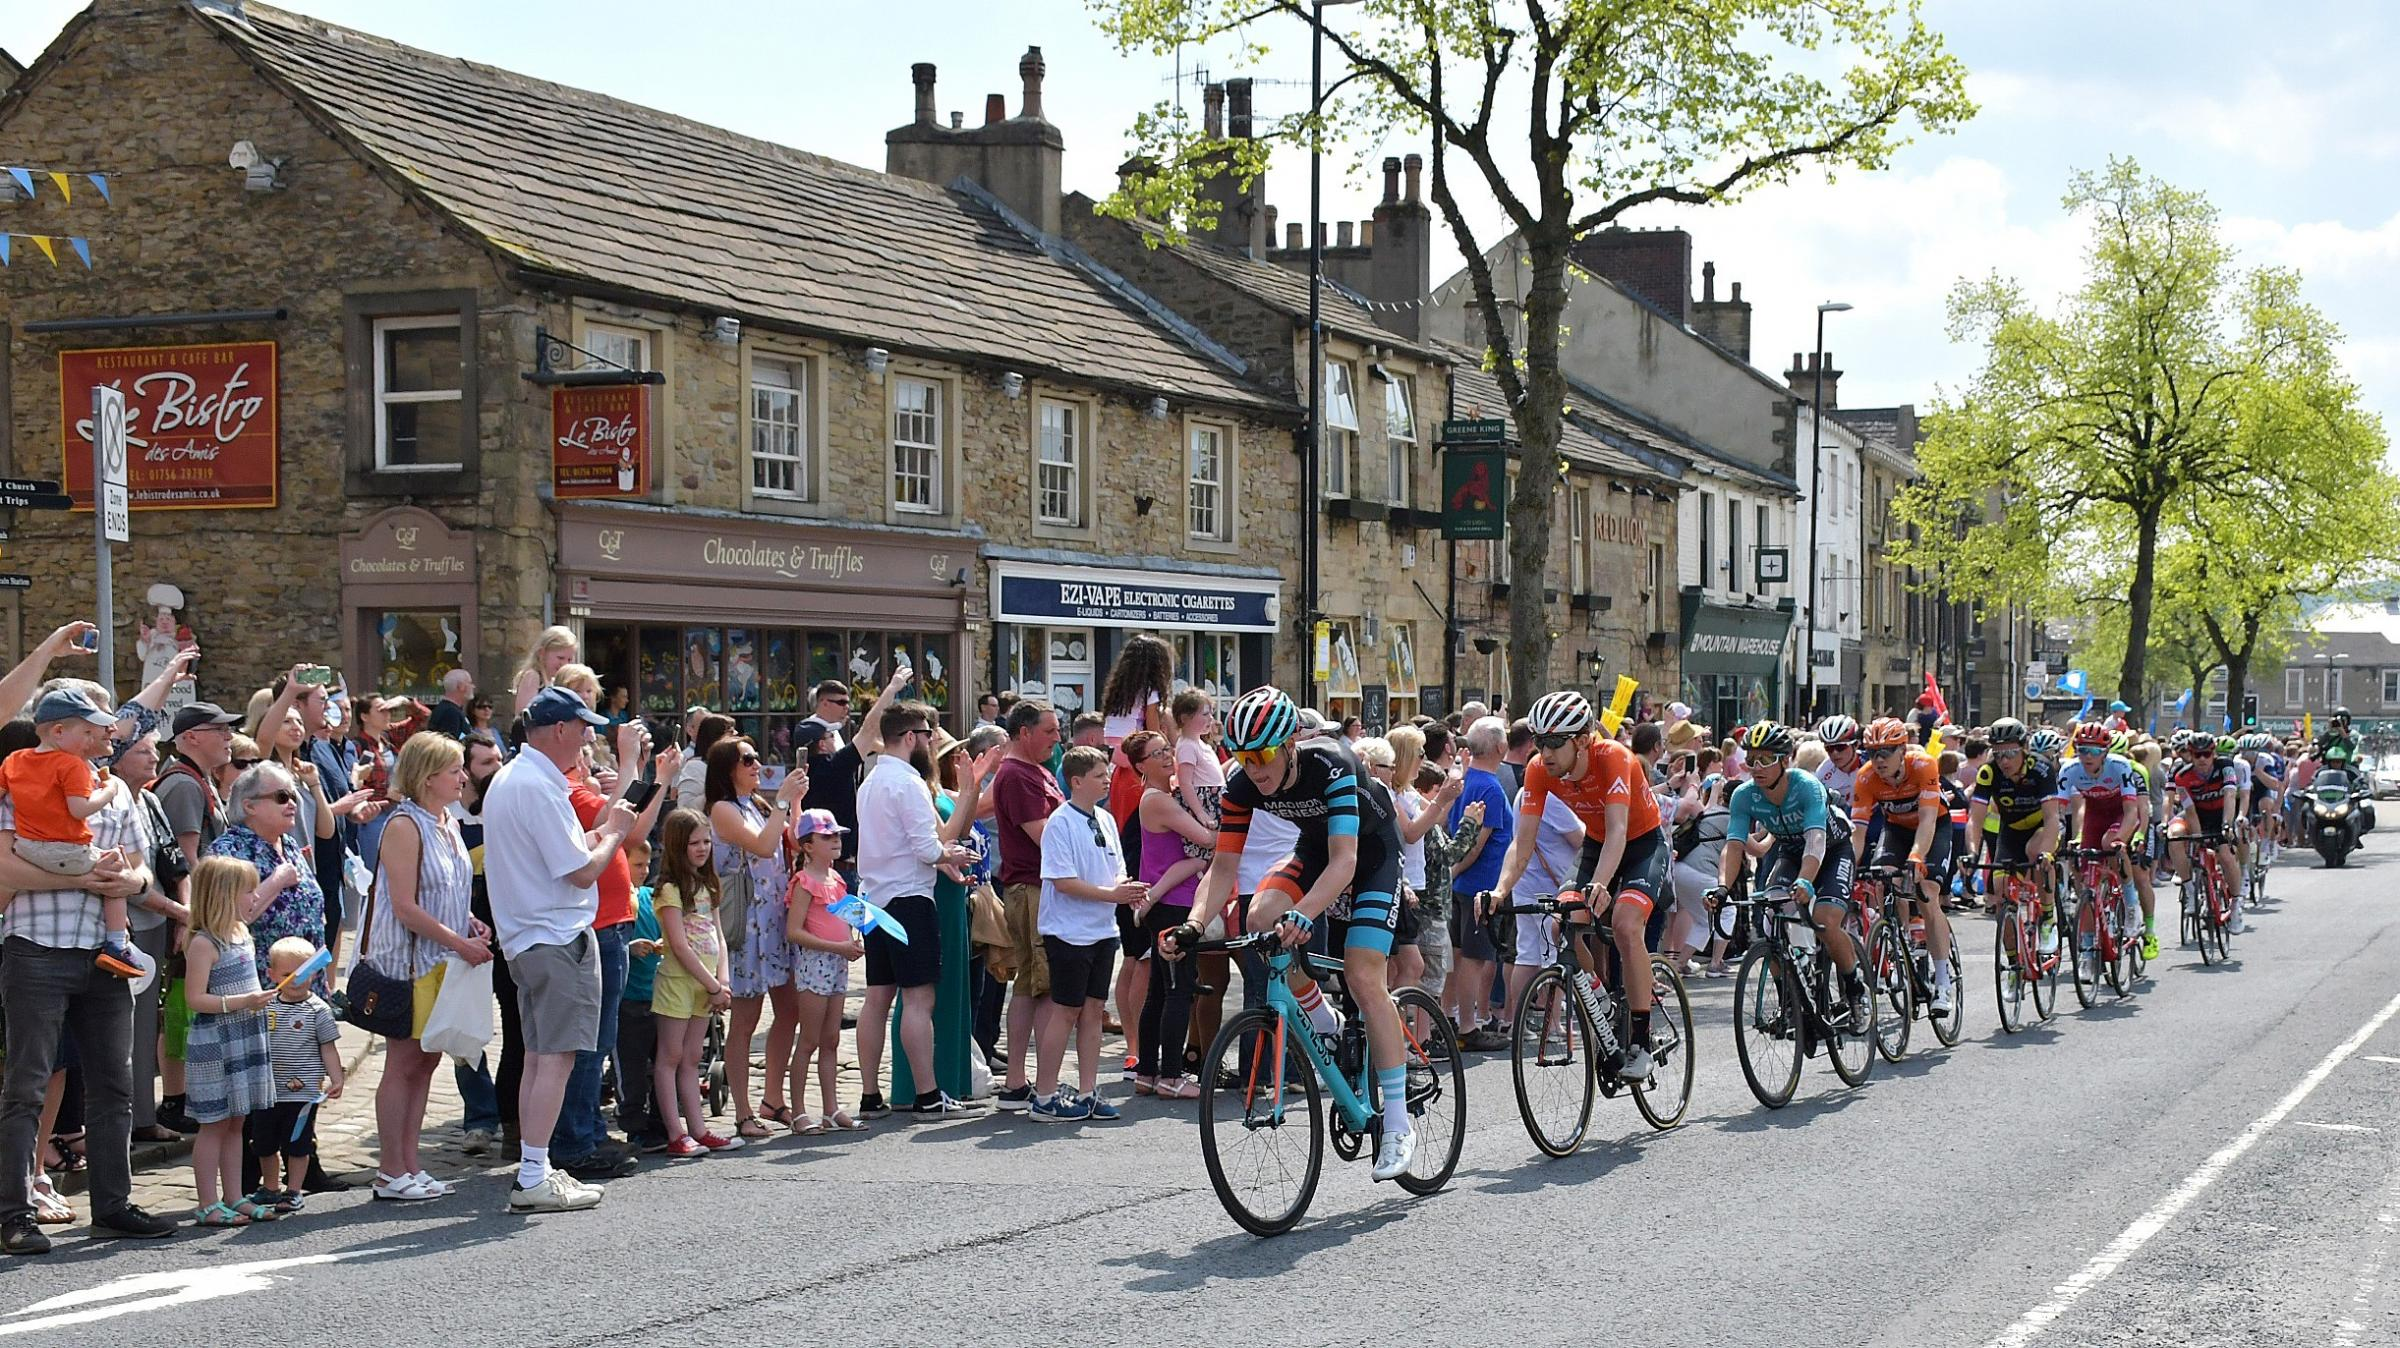 Tour de Yorkshire route for 2019 announced